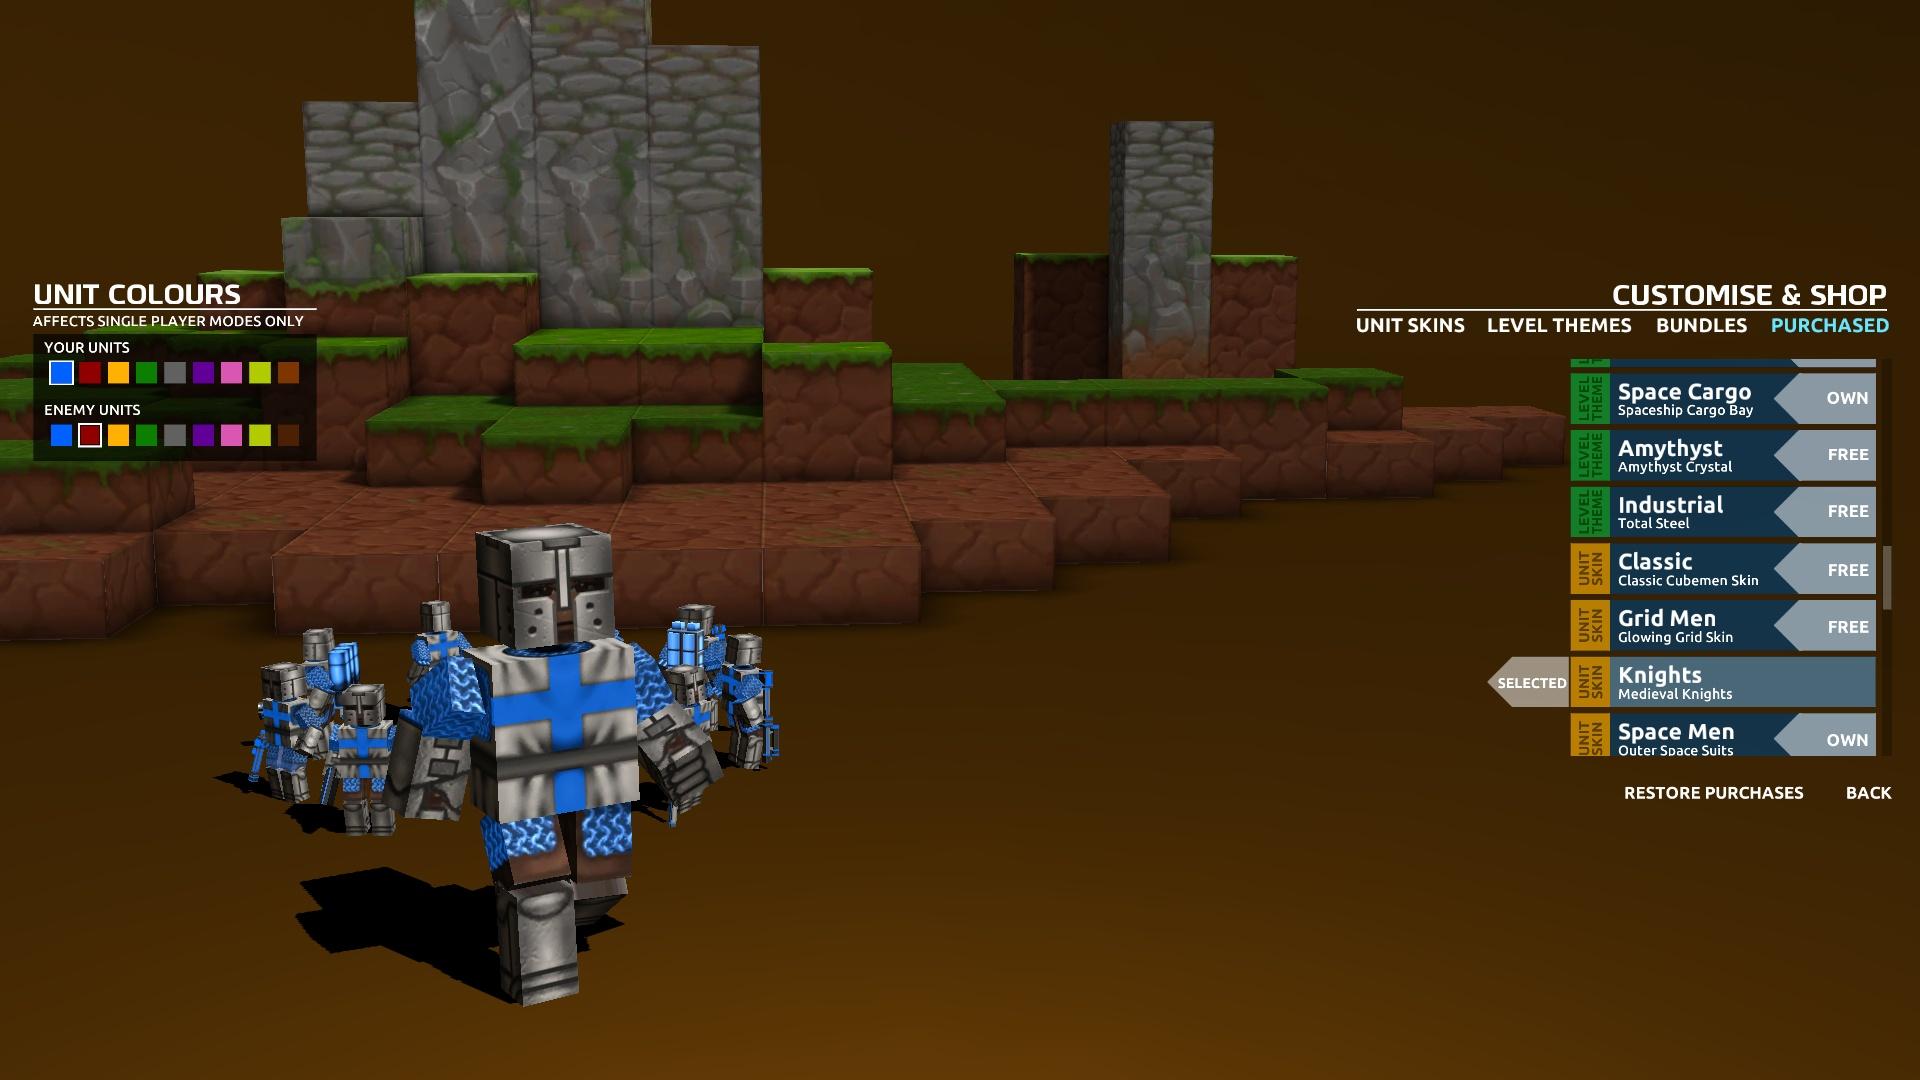 В комплект Cubemen 2 входит громадный пак «шкурок» для локаций и воителей. Например, можно с помощью крестоносцев защищать от вторжения зомби лунные кратеры или стравливать роботов с тайными агентами в мире Minecraft. К сожалению, выглядит все это жутковато — на кубики натянуты текстуры не самого высокого качества.